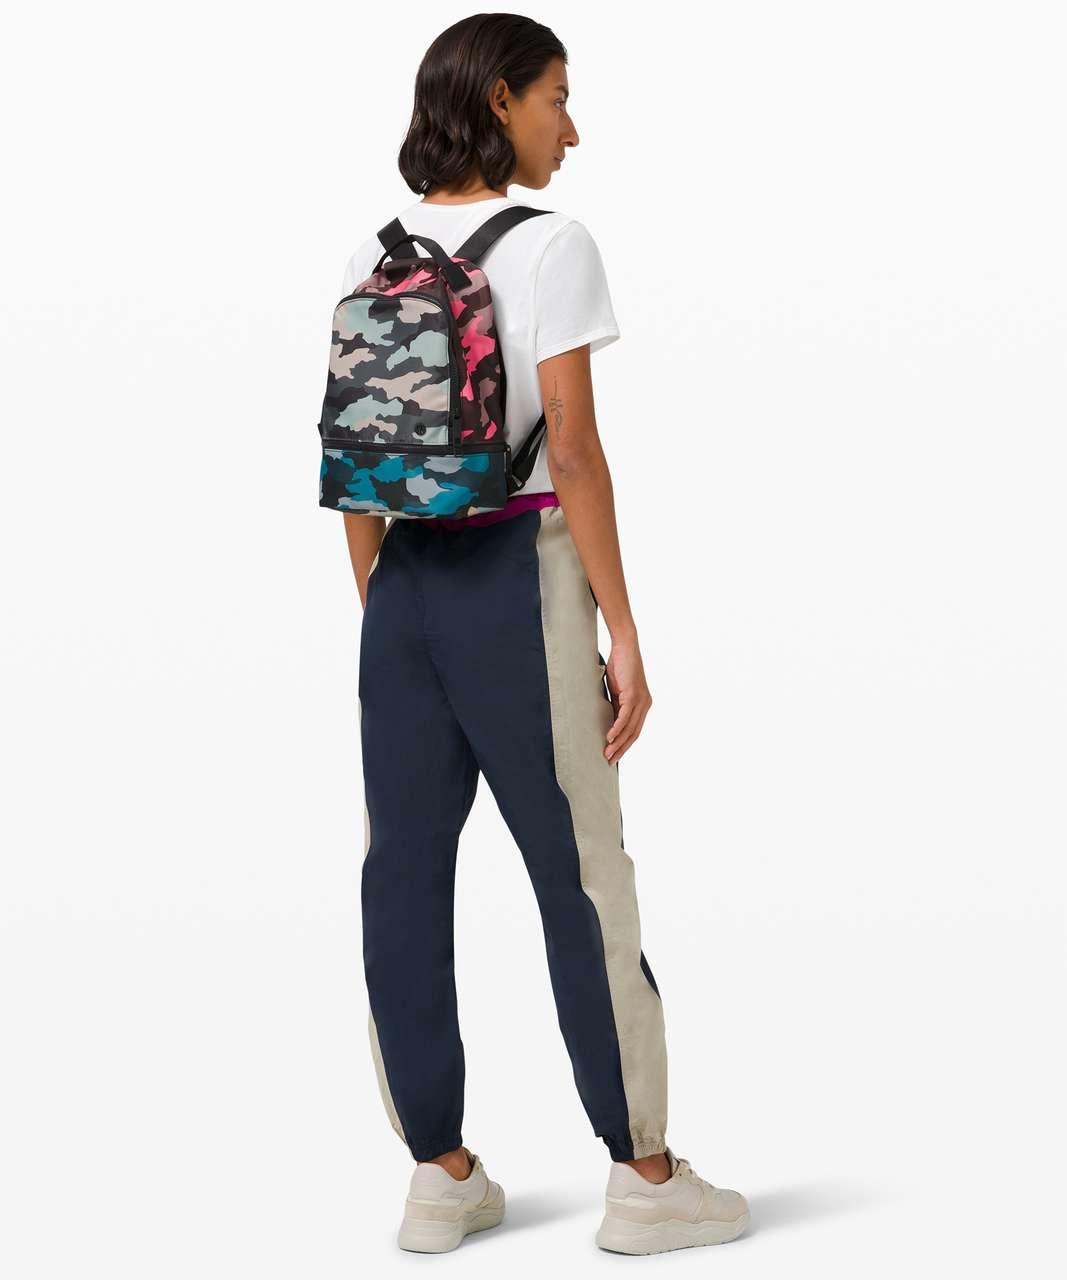 Lululemon City Adventurer Backpack Mini 10L - Heritage 365 Camo Guava Pink Multi / Heritage 365 Camo Cafe Au Lait Multi / Heritage 365 Camo Hawaiian Blue Multi